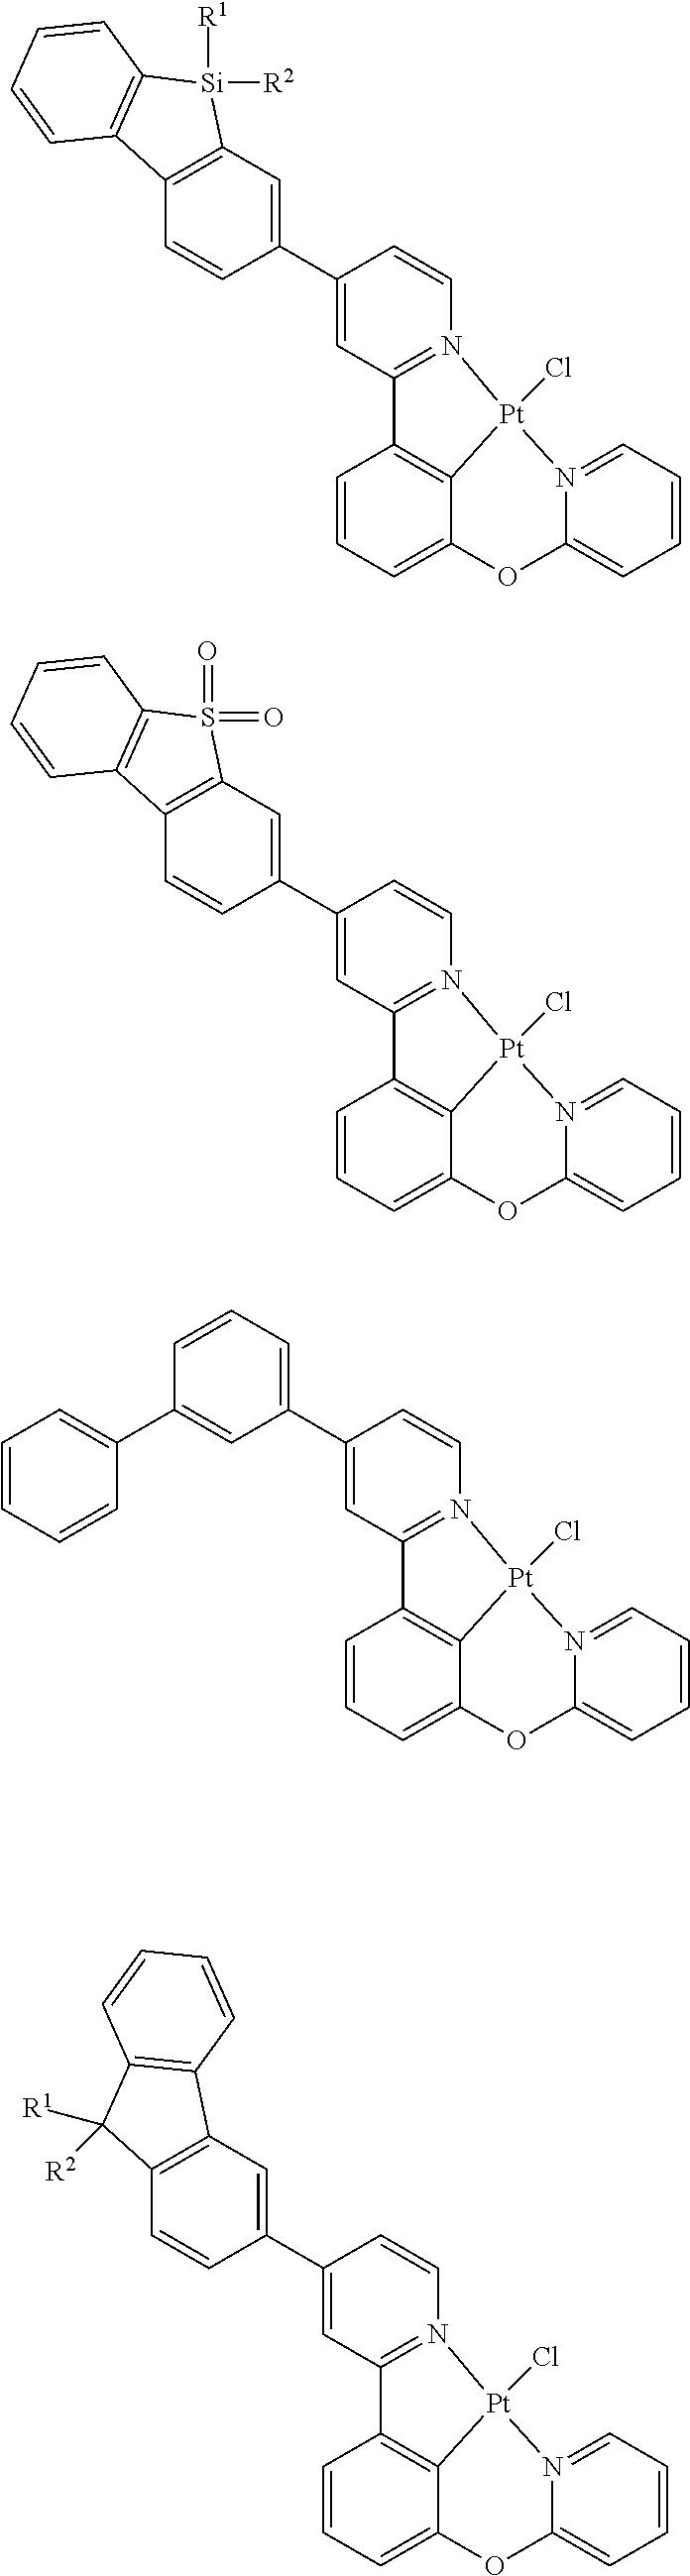 Figure US09818959-20171114-C00150